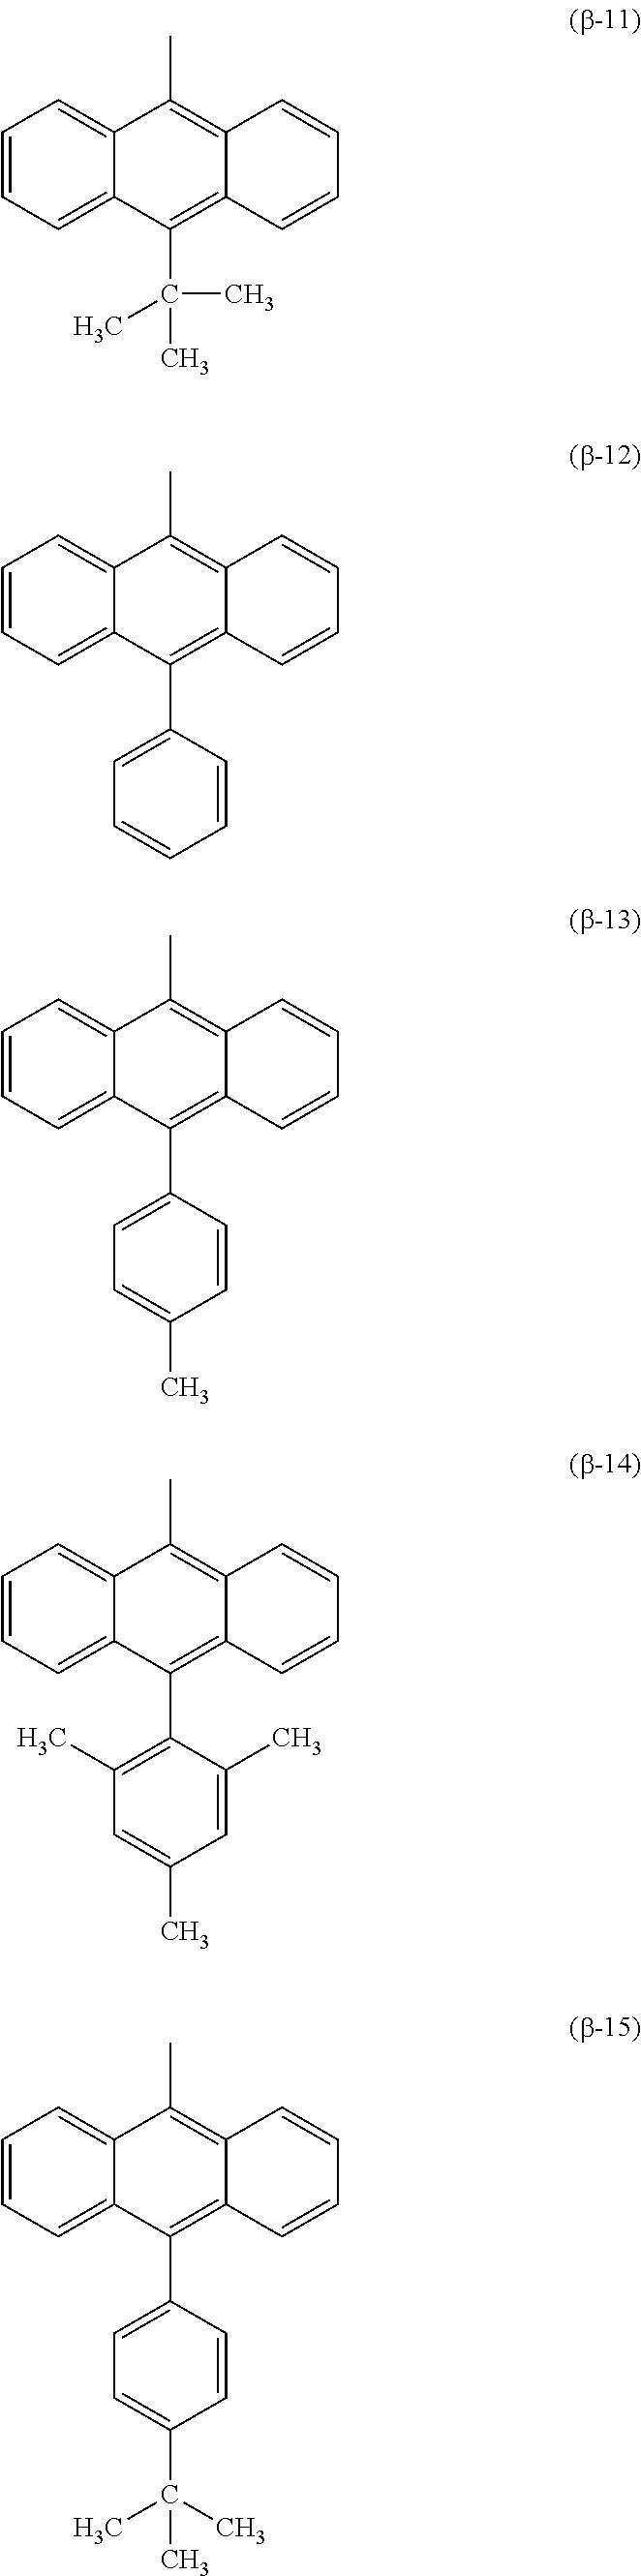 Figure US09240558-20160119-C00034